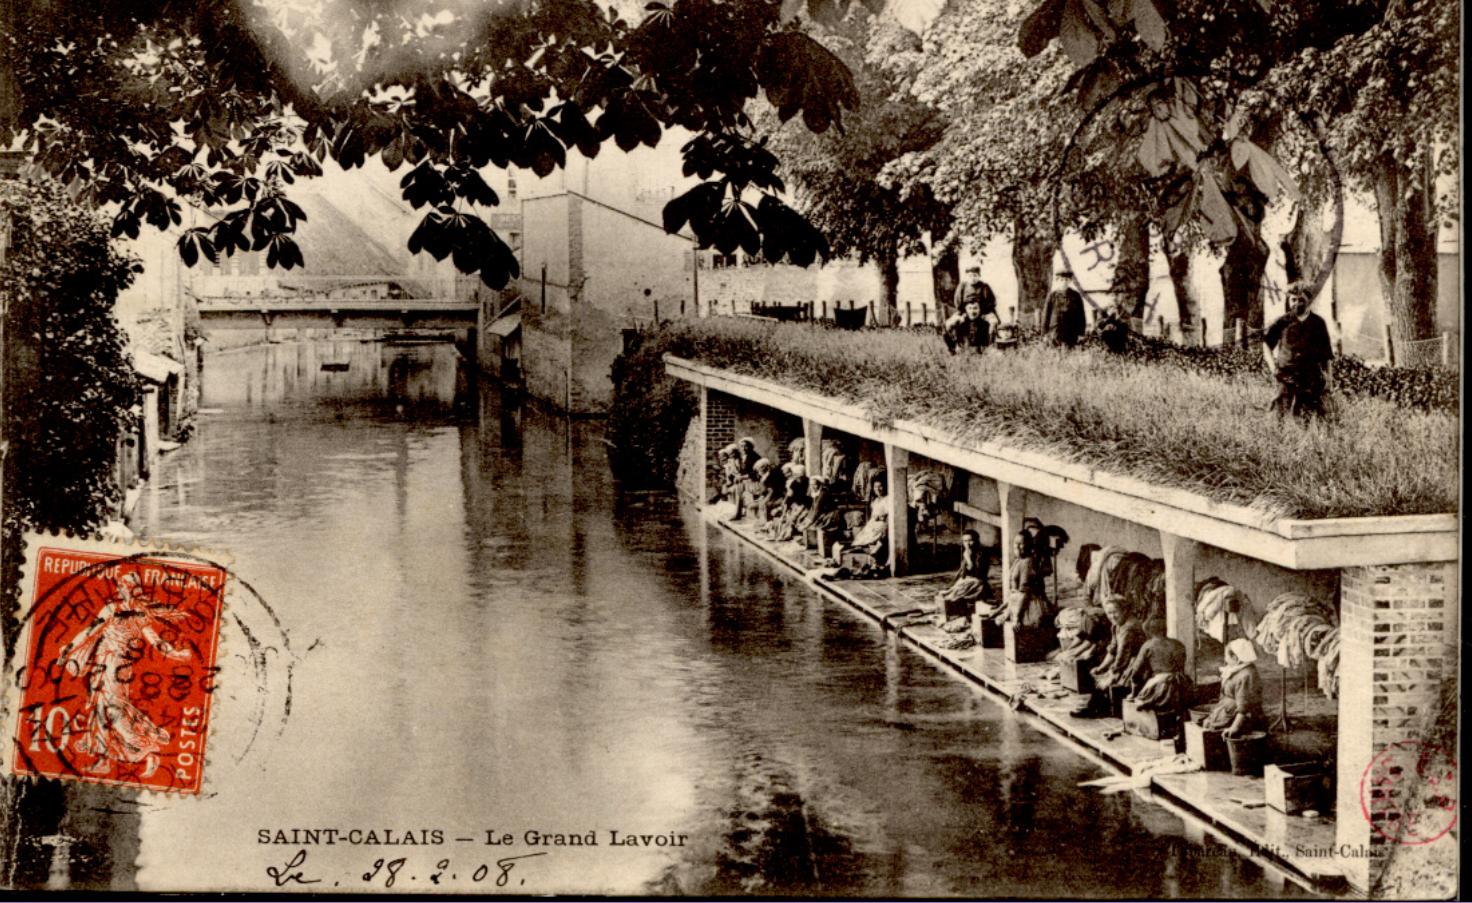 Saint Calais - Le Grand Lavoir